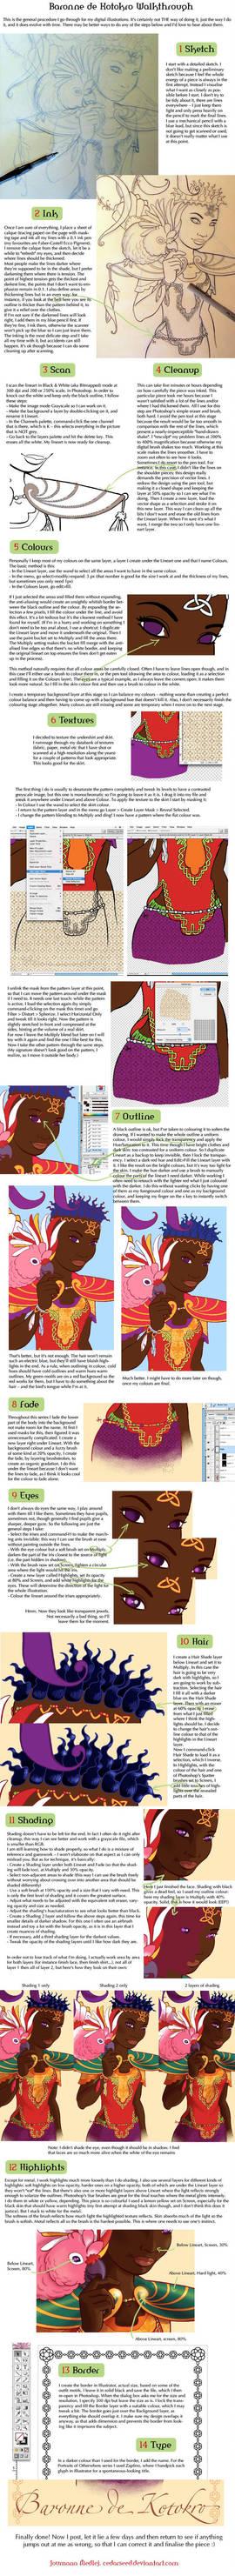 Baronne de Kotokro Walkthrough by Majnouna